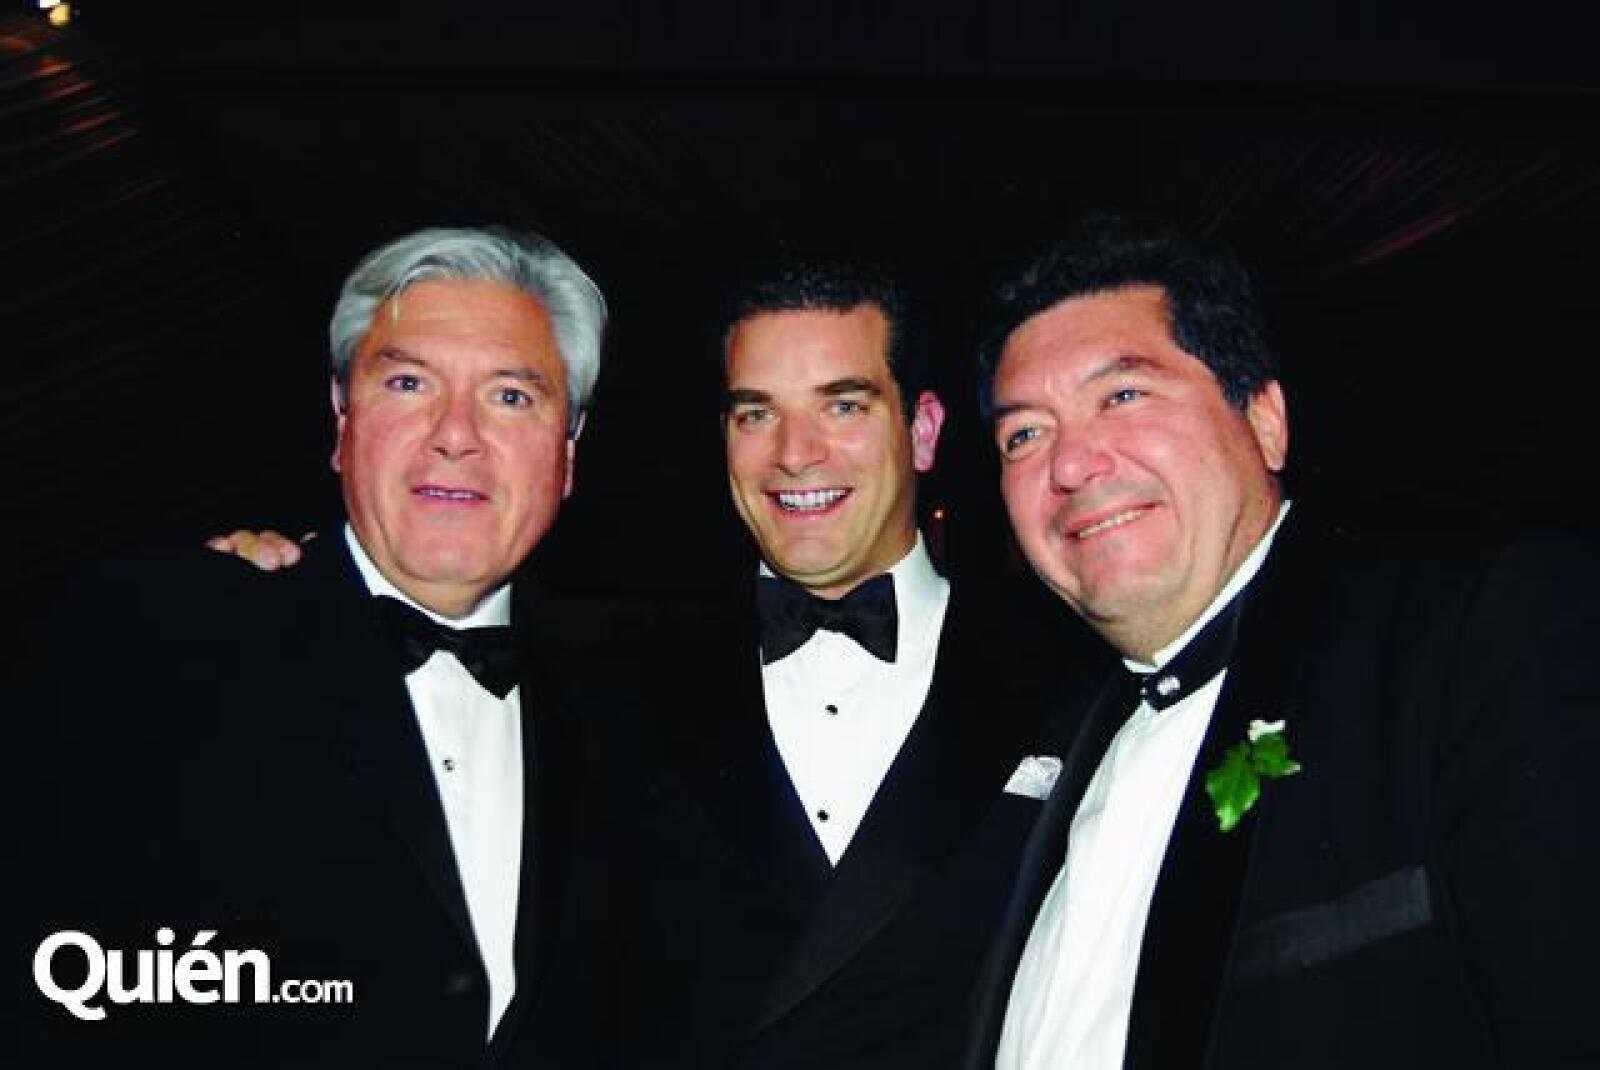 En familia. En la foto: Carlos Hank,Marc Moret y Jorge Hank